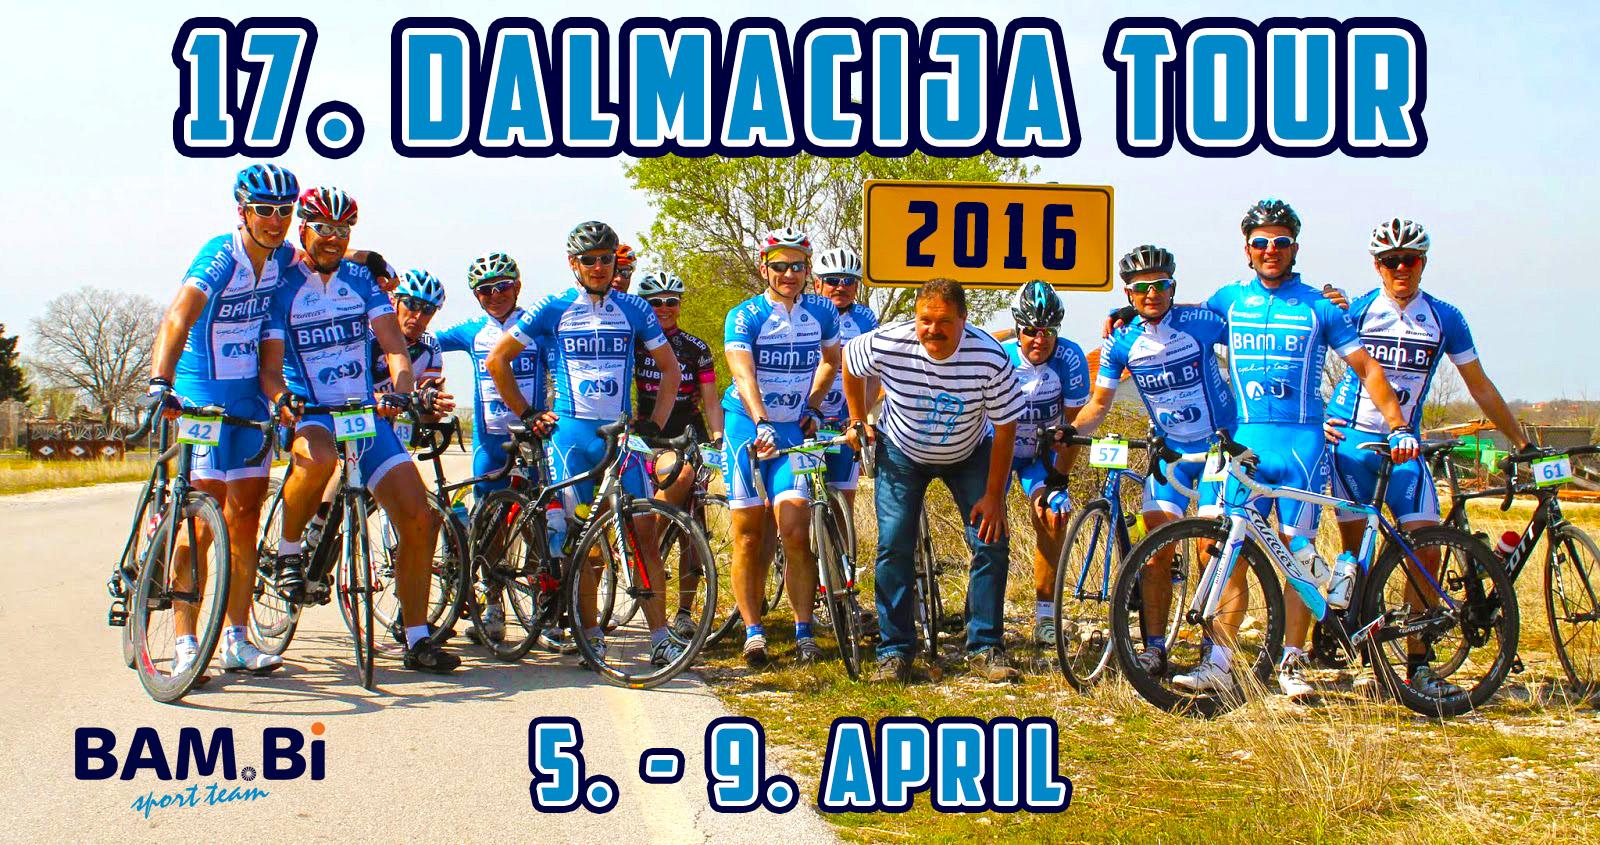 17 Dalmacija Tour